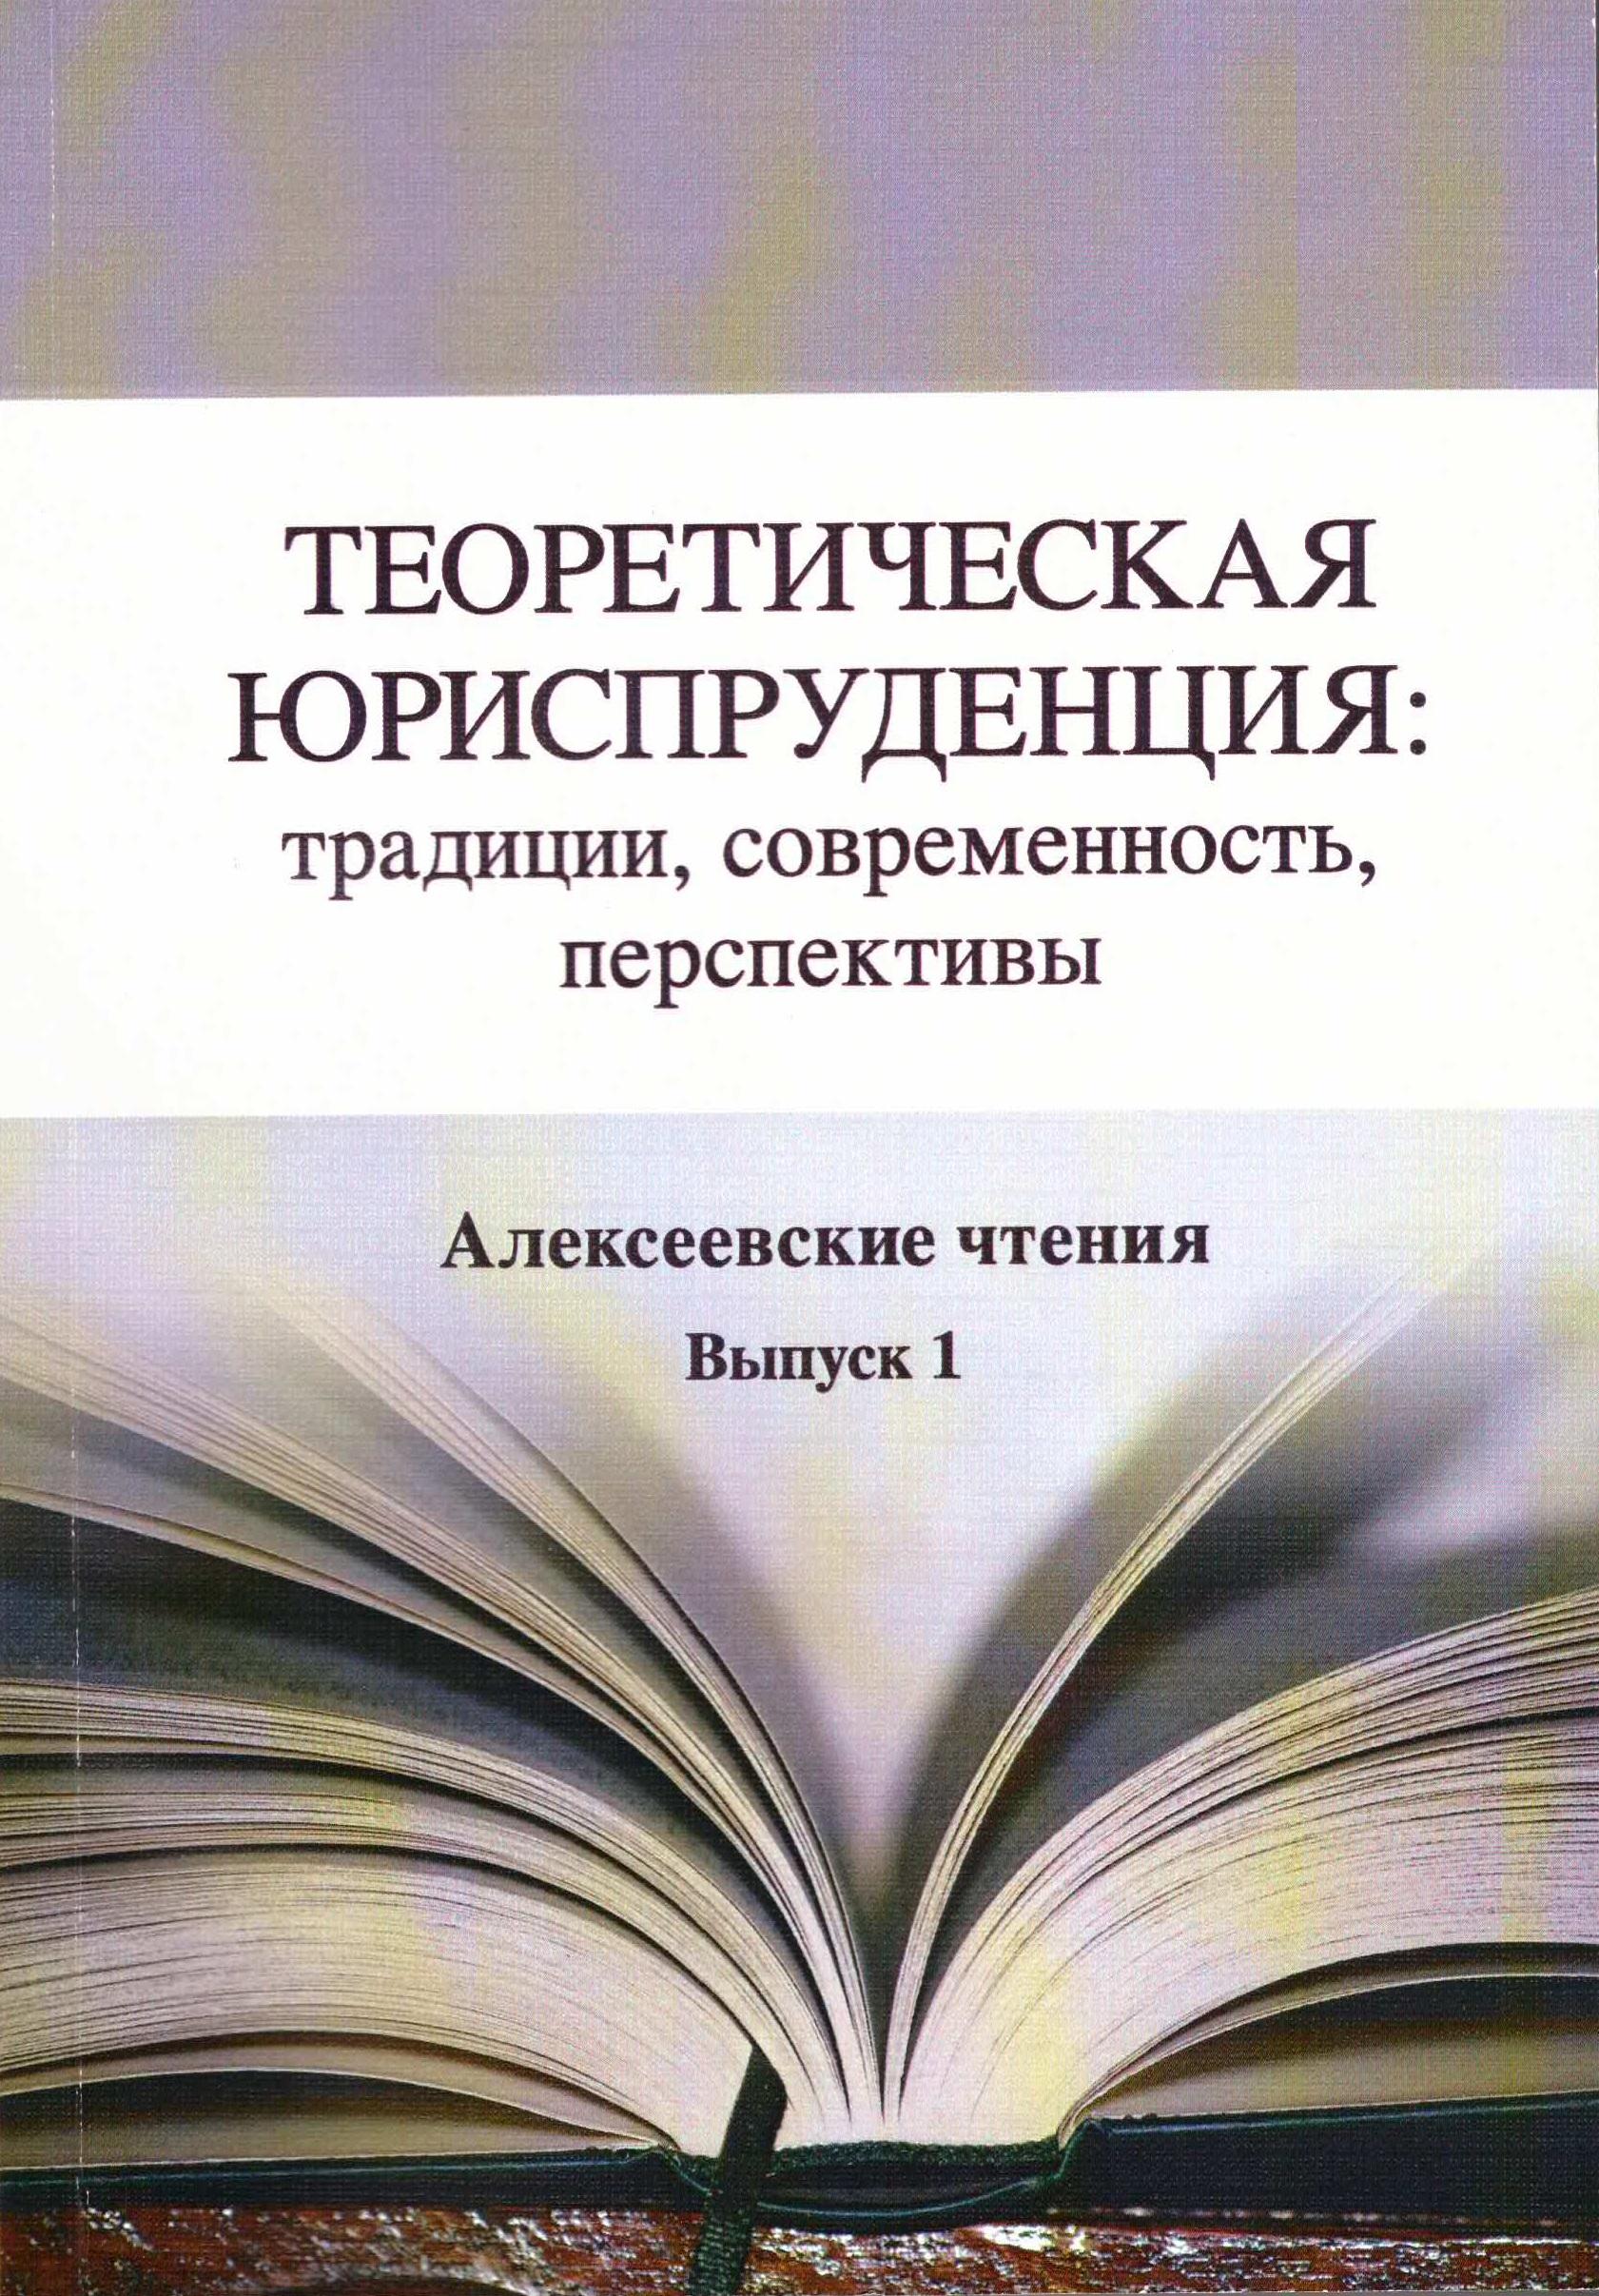 Исаков В.Б. Юридическая наука: новые проблемы, новые горизонты